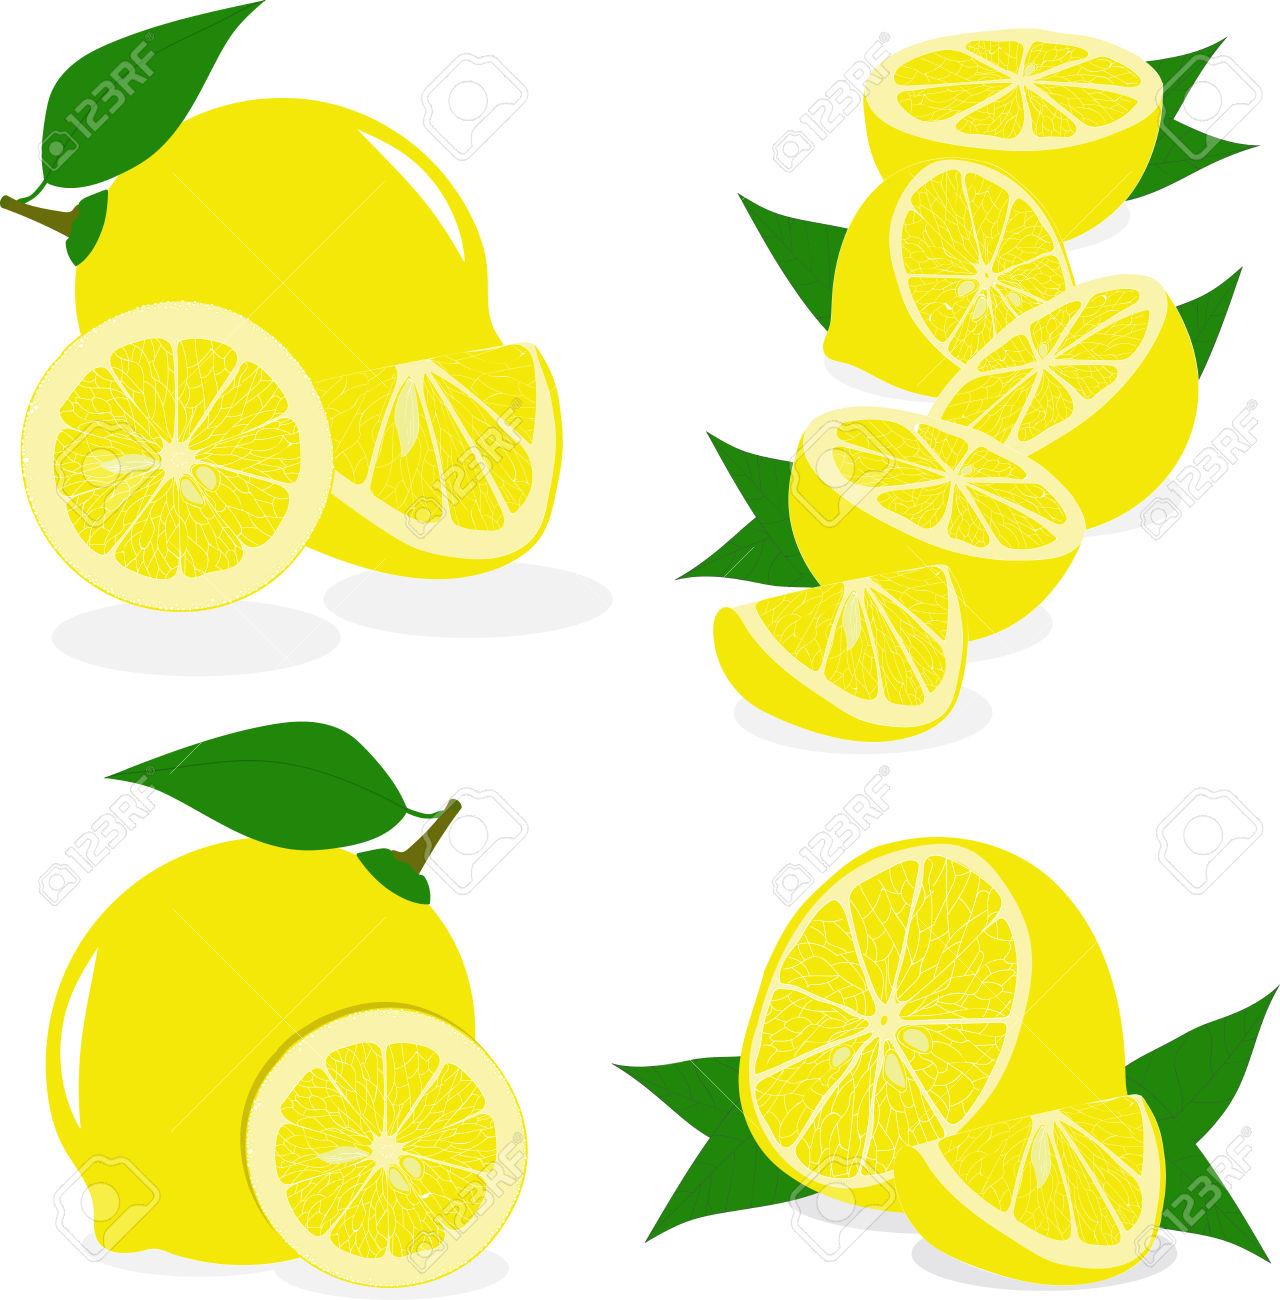 Lemon flavor clipart #2